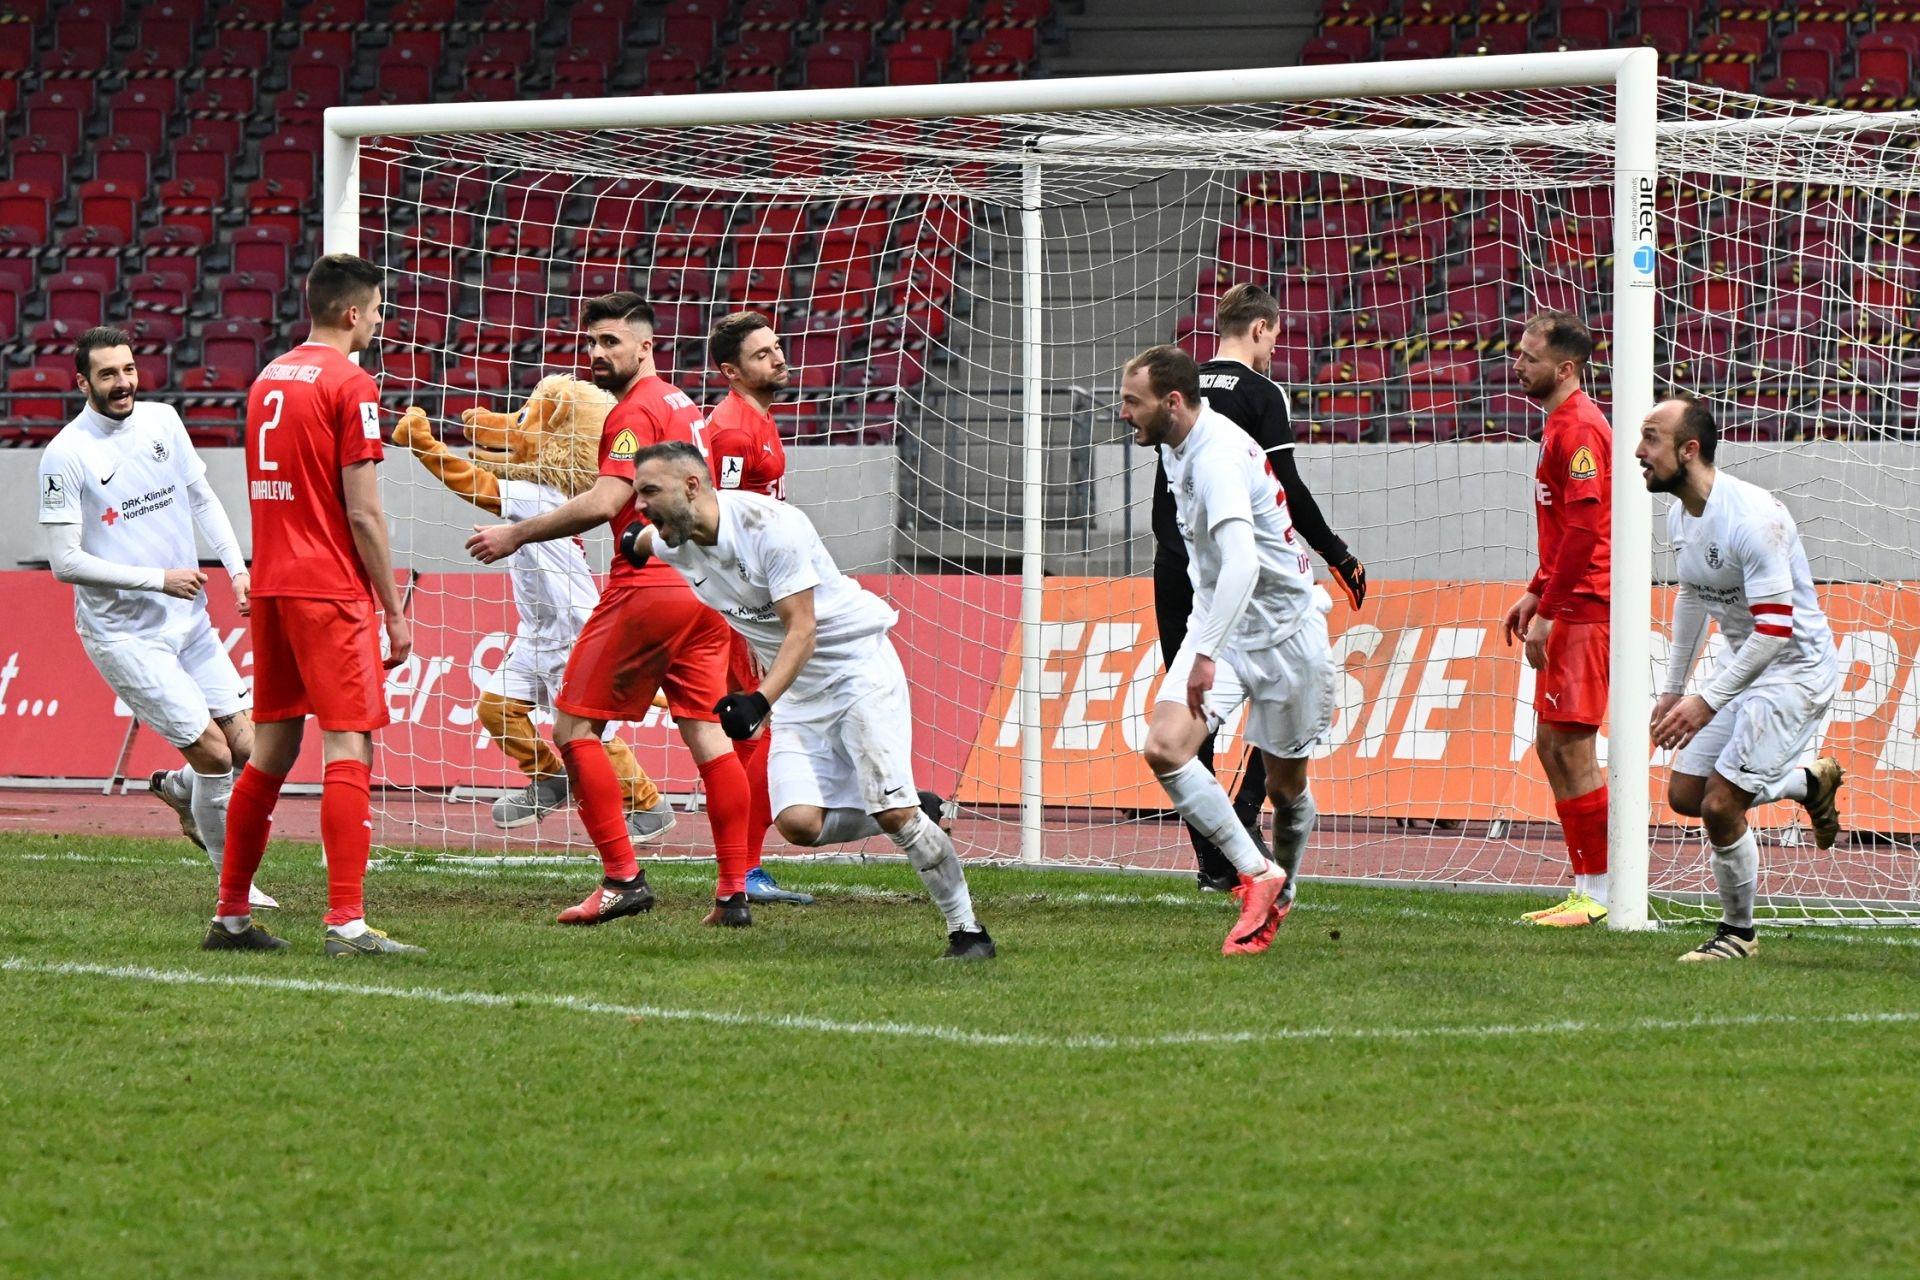 Regionalliga S�dwest 2020/21, KSVHessen Kassel, TSV Steinbach Haiger, Endstand 2:1, Jubel zum 2:1